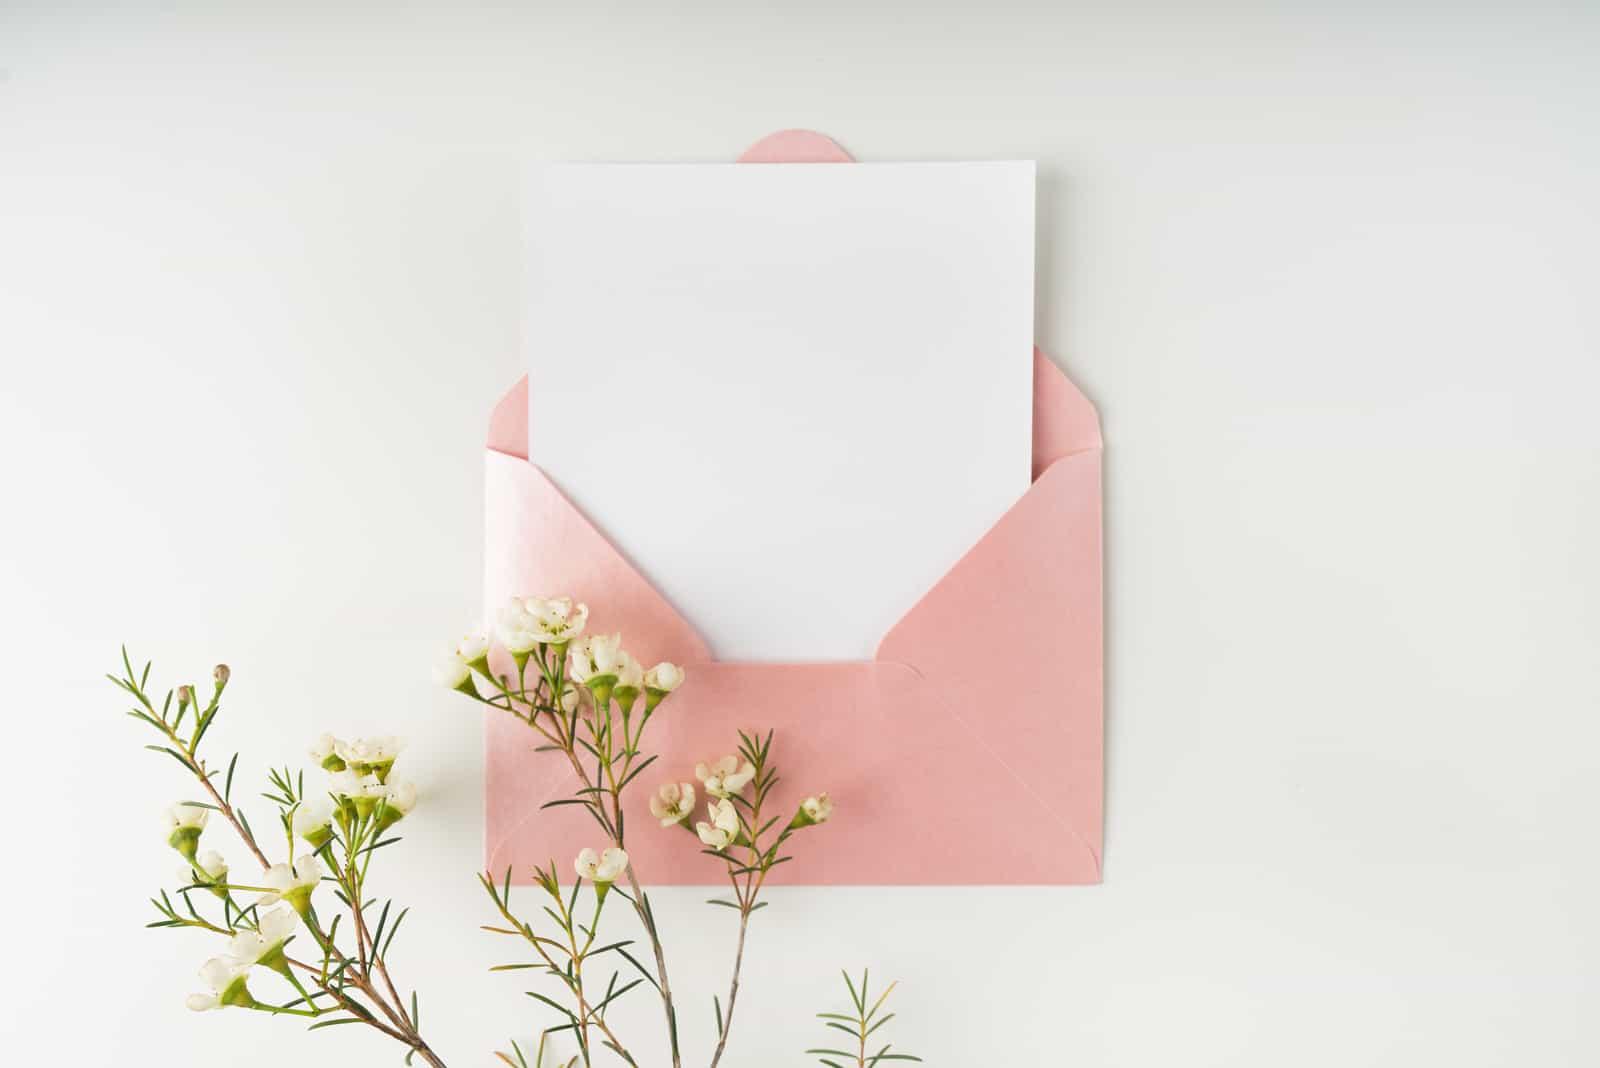 rosa Umschlag und weiße leere Karte